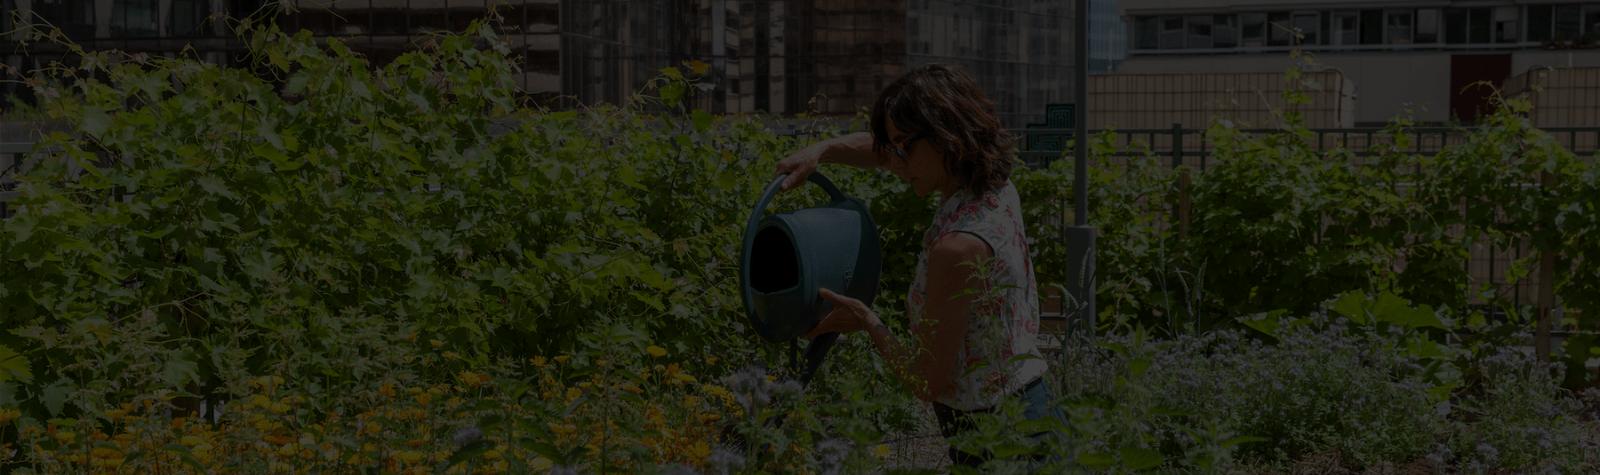 Paris La Défense obtient son premier label ÉcoJardin pour le Jardin des Reflets